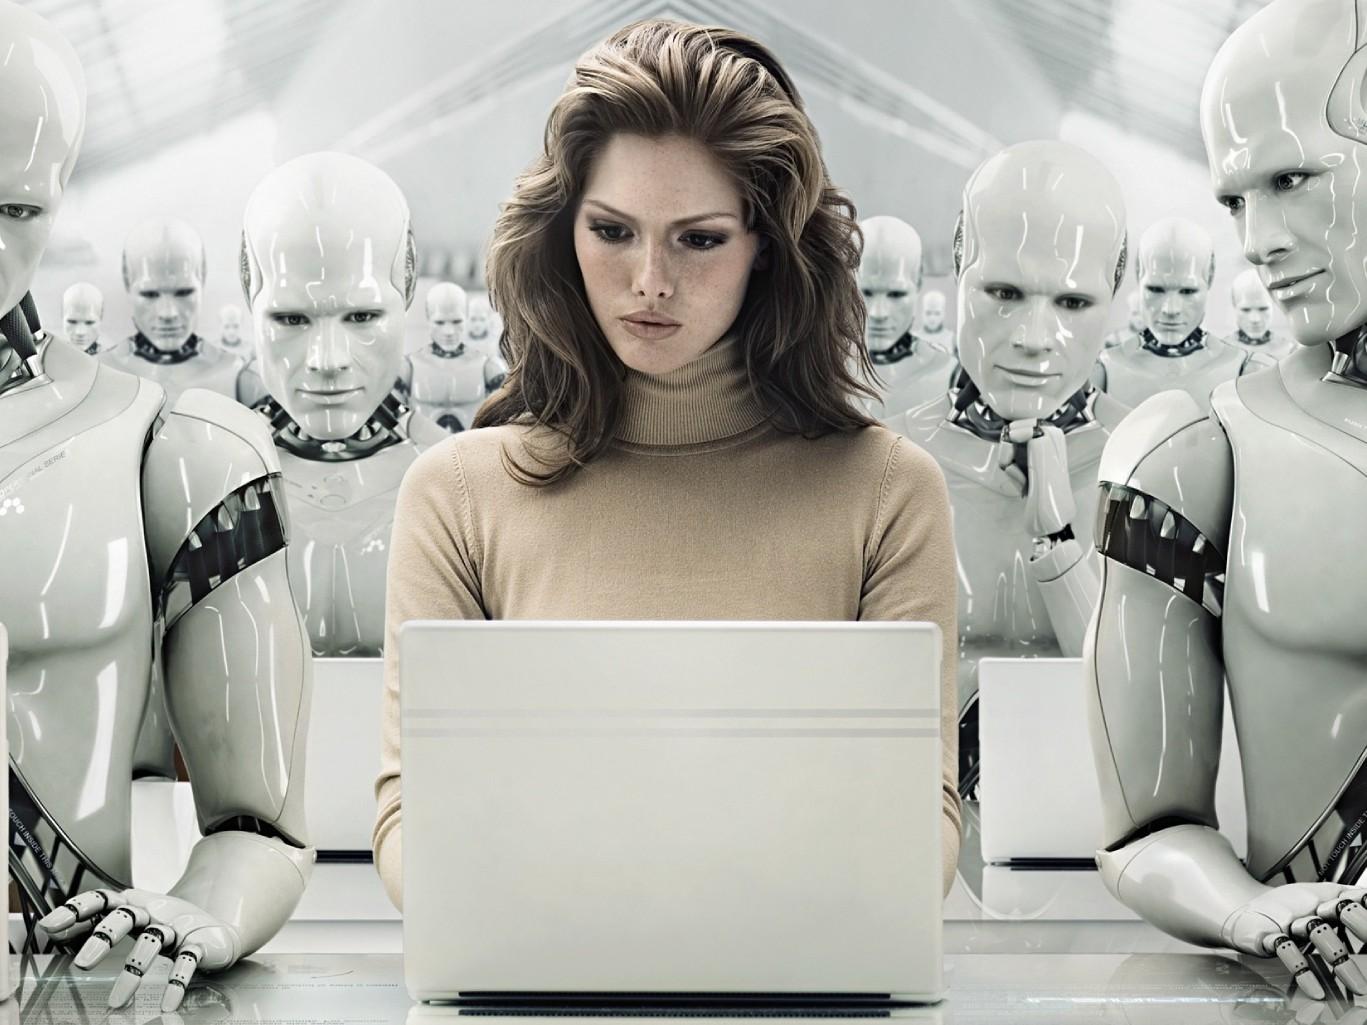 20 перспективных профессий будущего